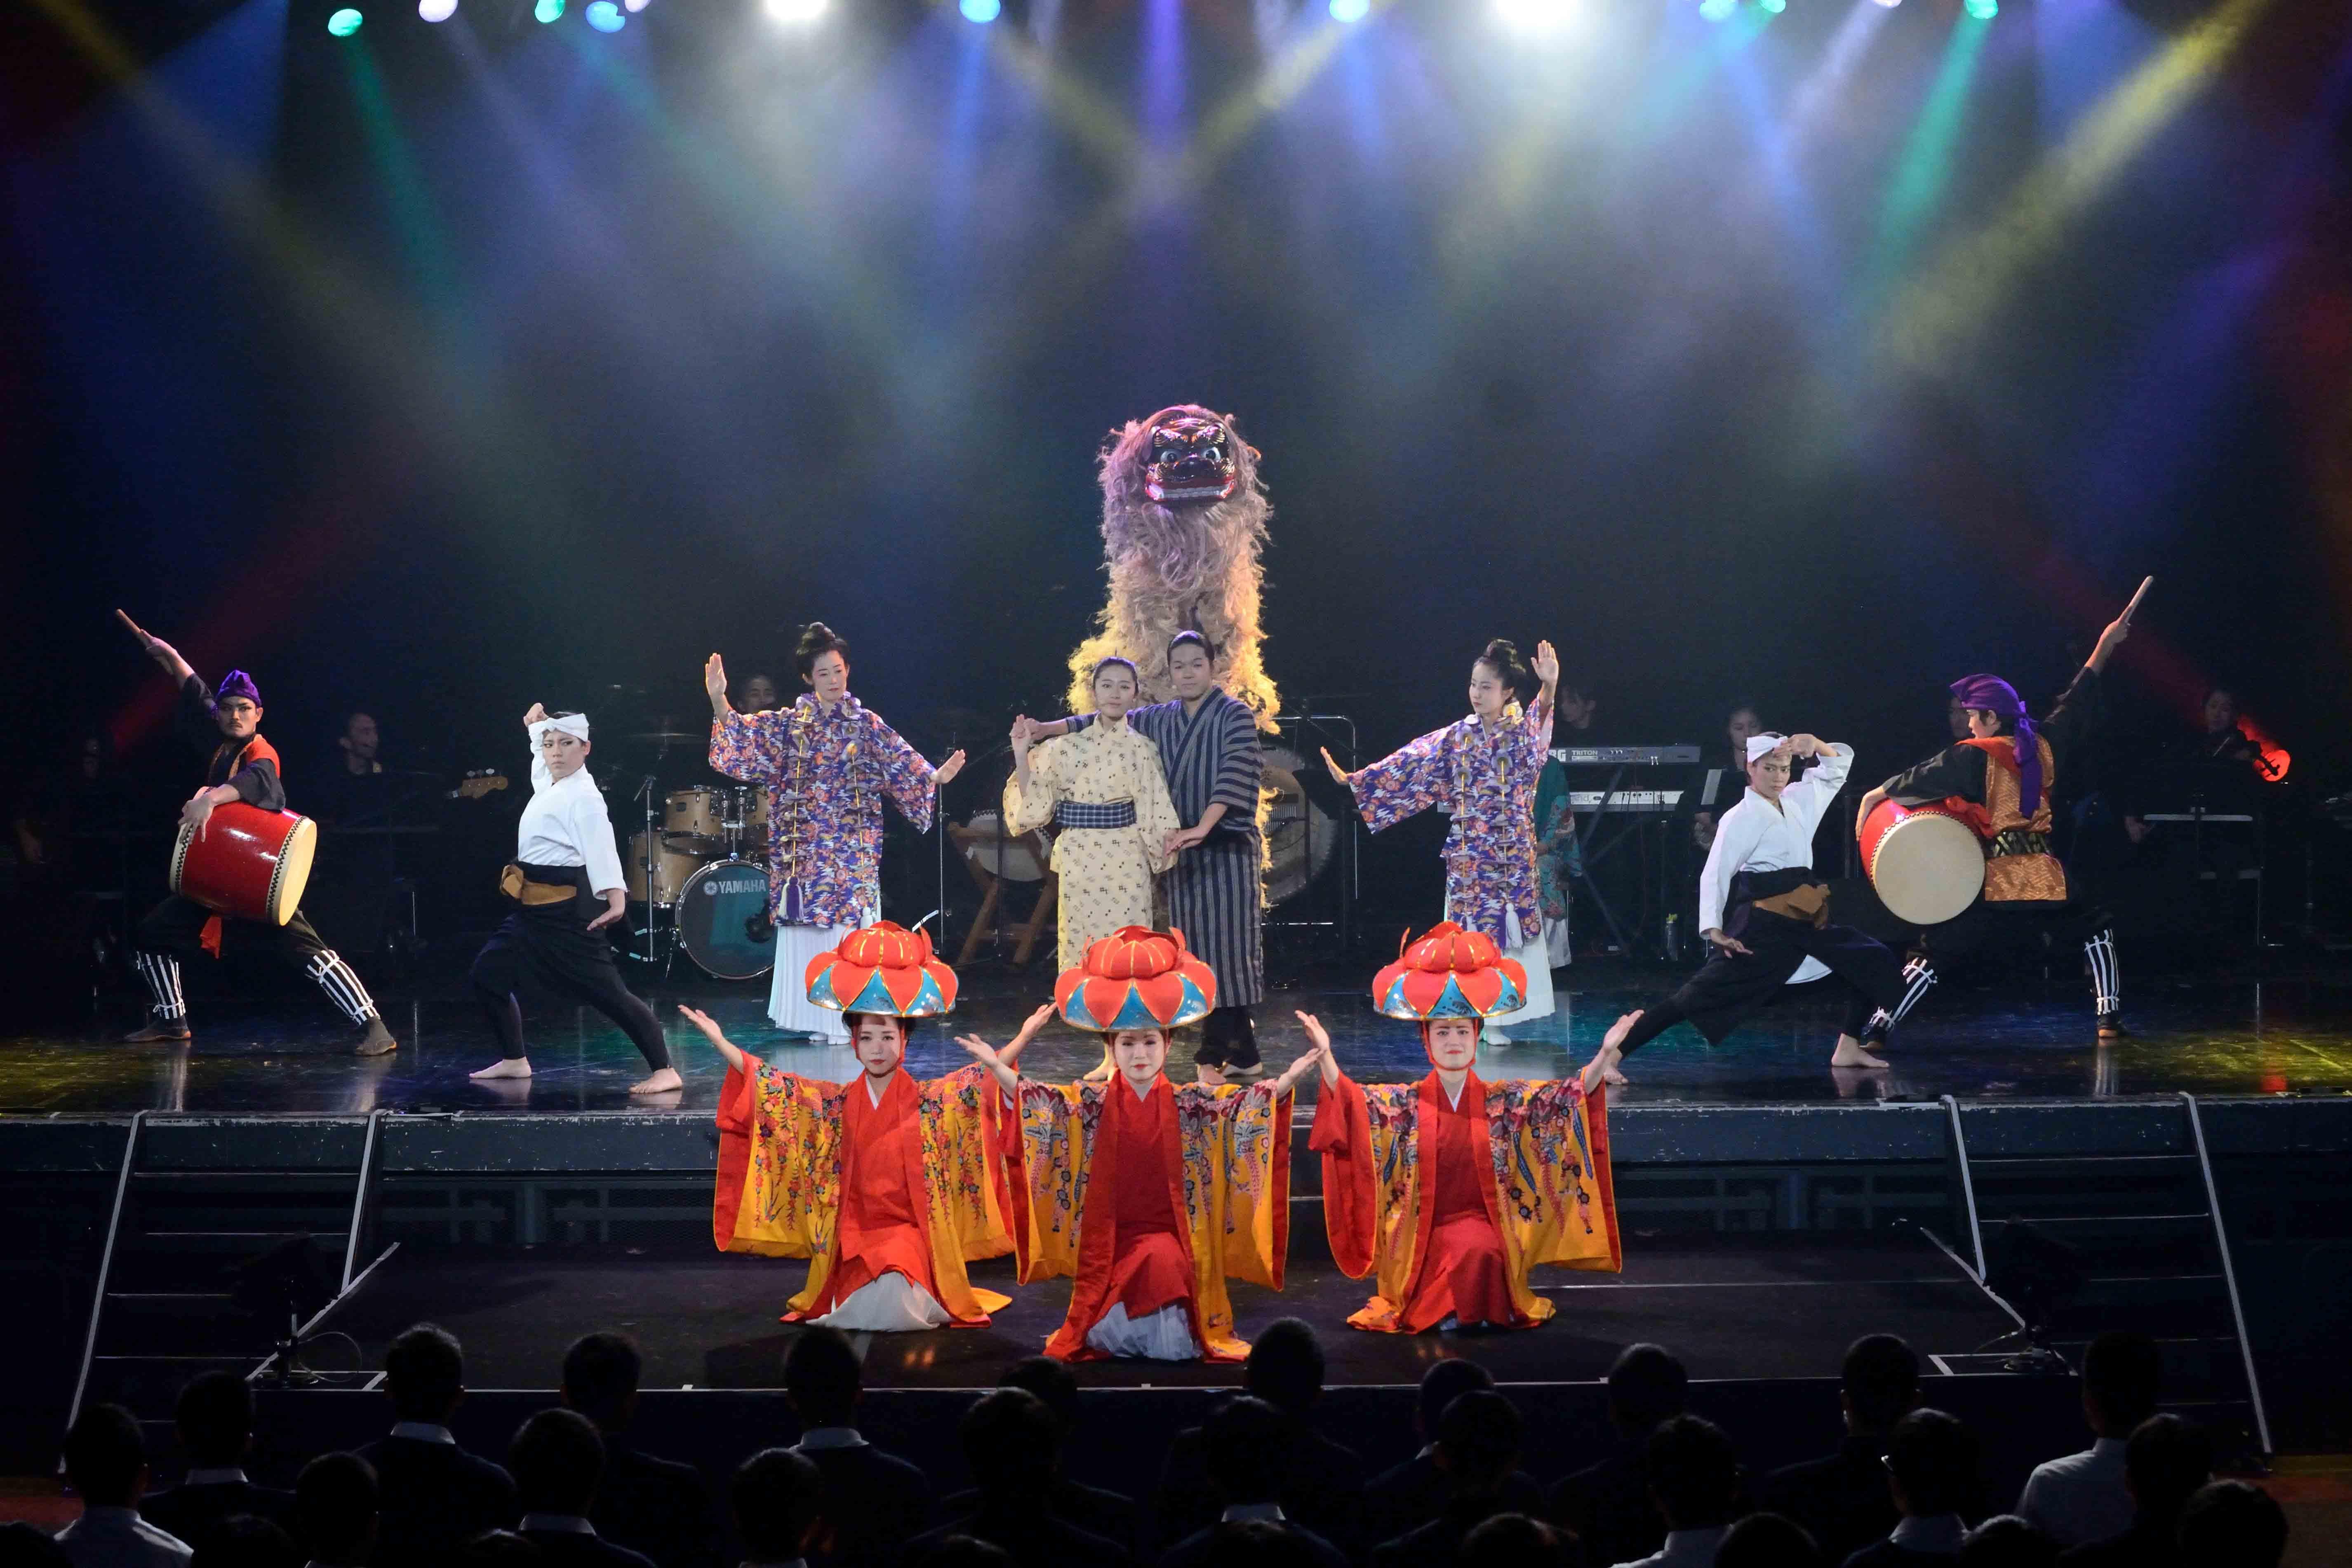 沖縄芸能総合コーディーネート「entertainment produce DSO」